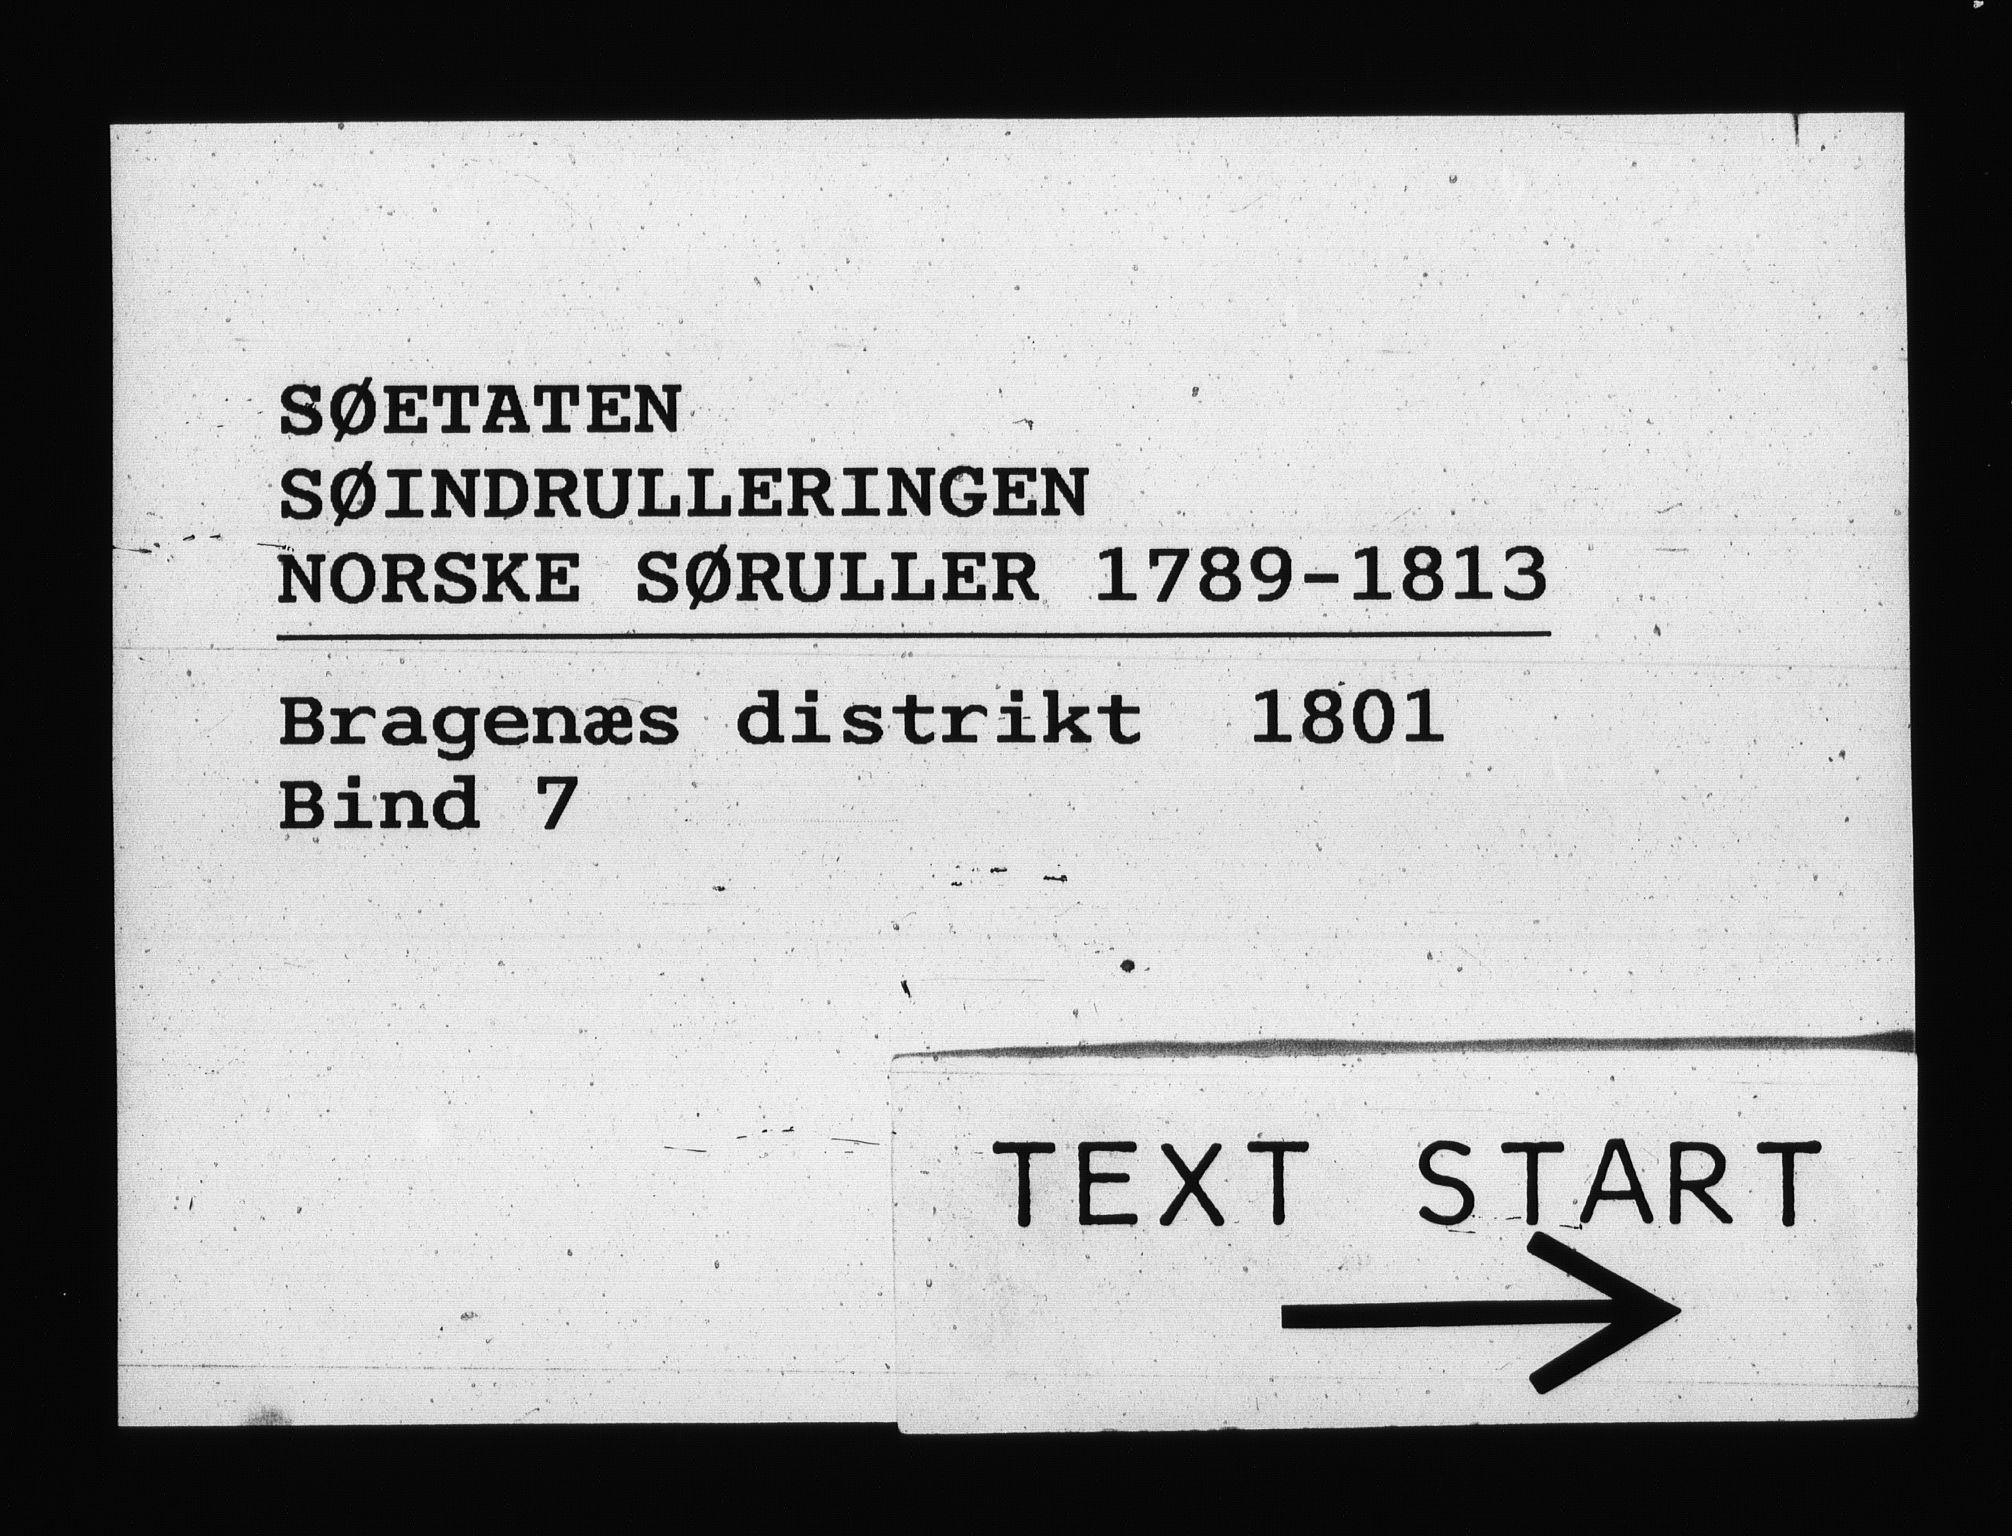 RA, Sjøetaten, F/L0140: Bragernes distrikt, bind 7, 1801